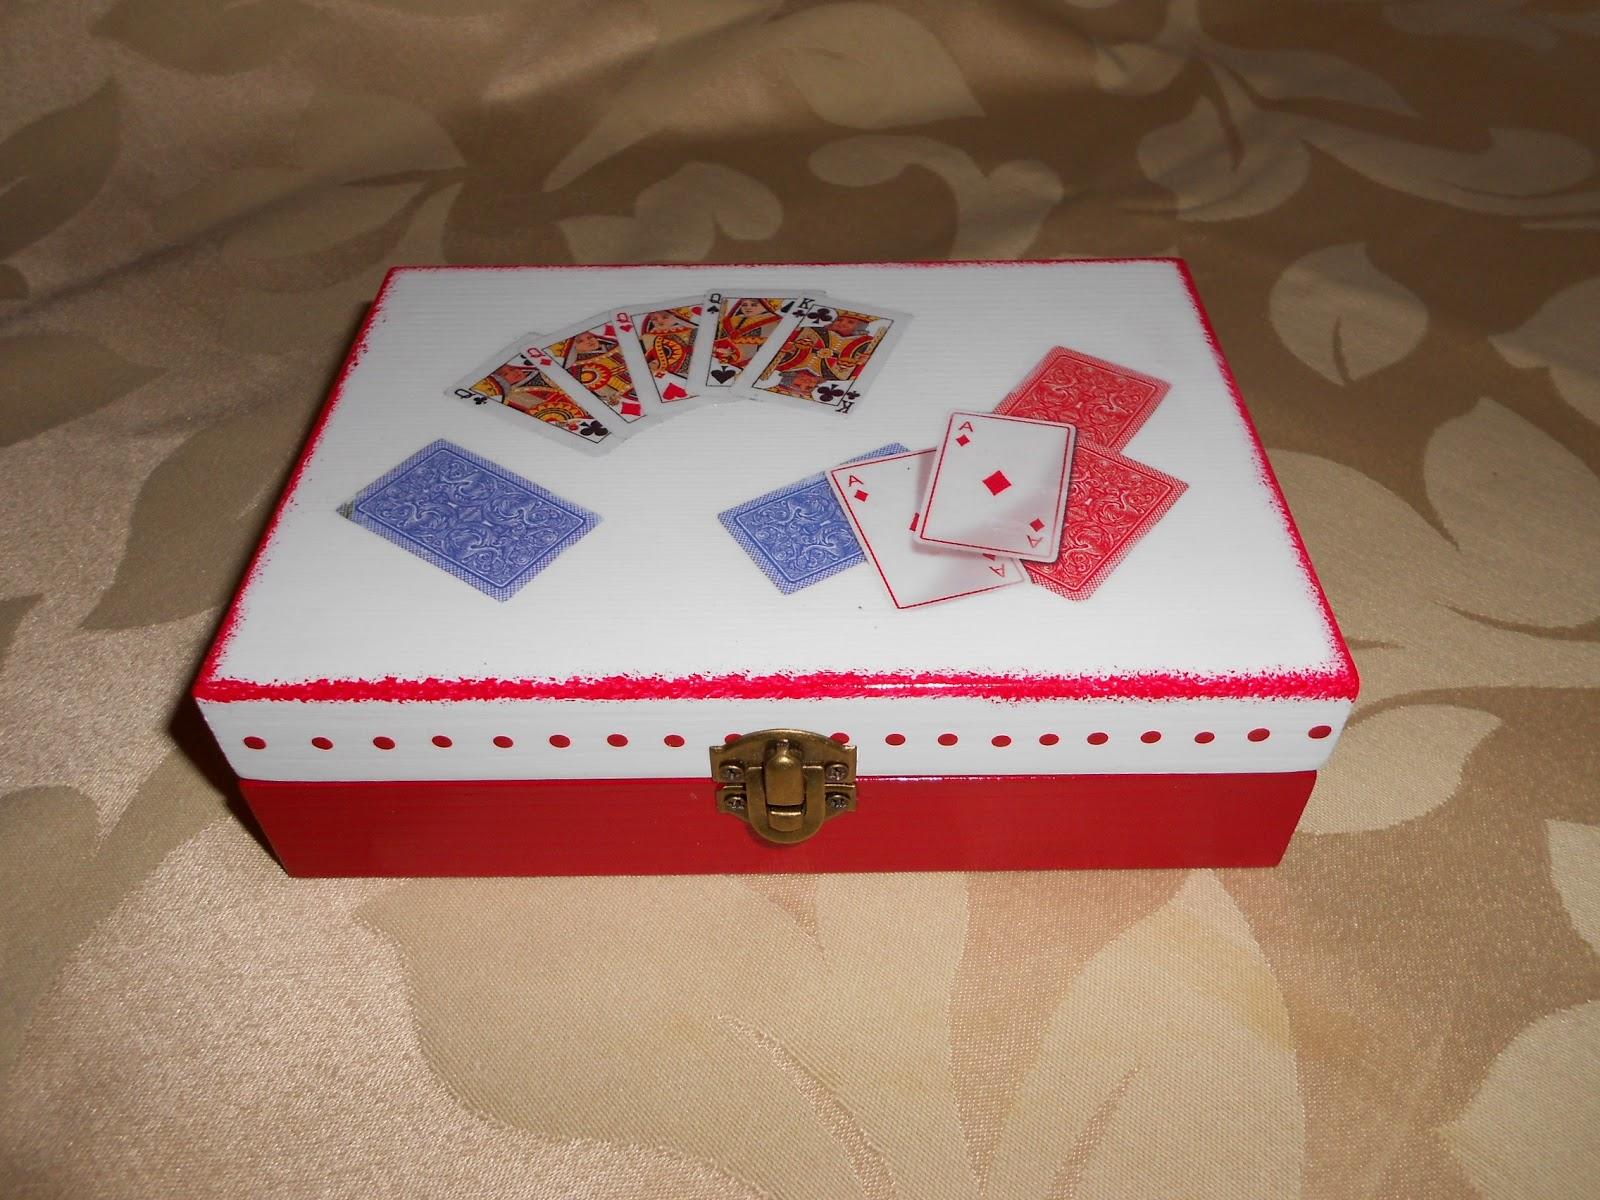 Lojinha de Caixas Artesanato: Caixa para cartas. #AF1C31 1600x1200